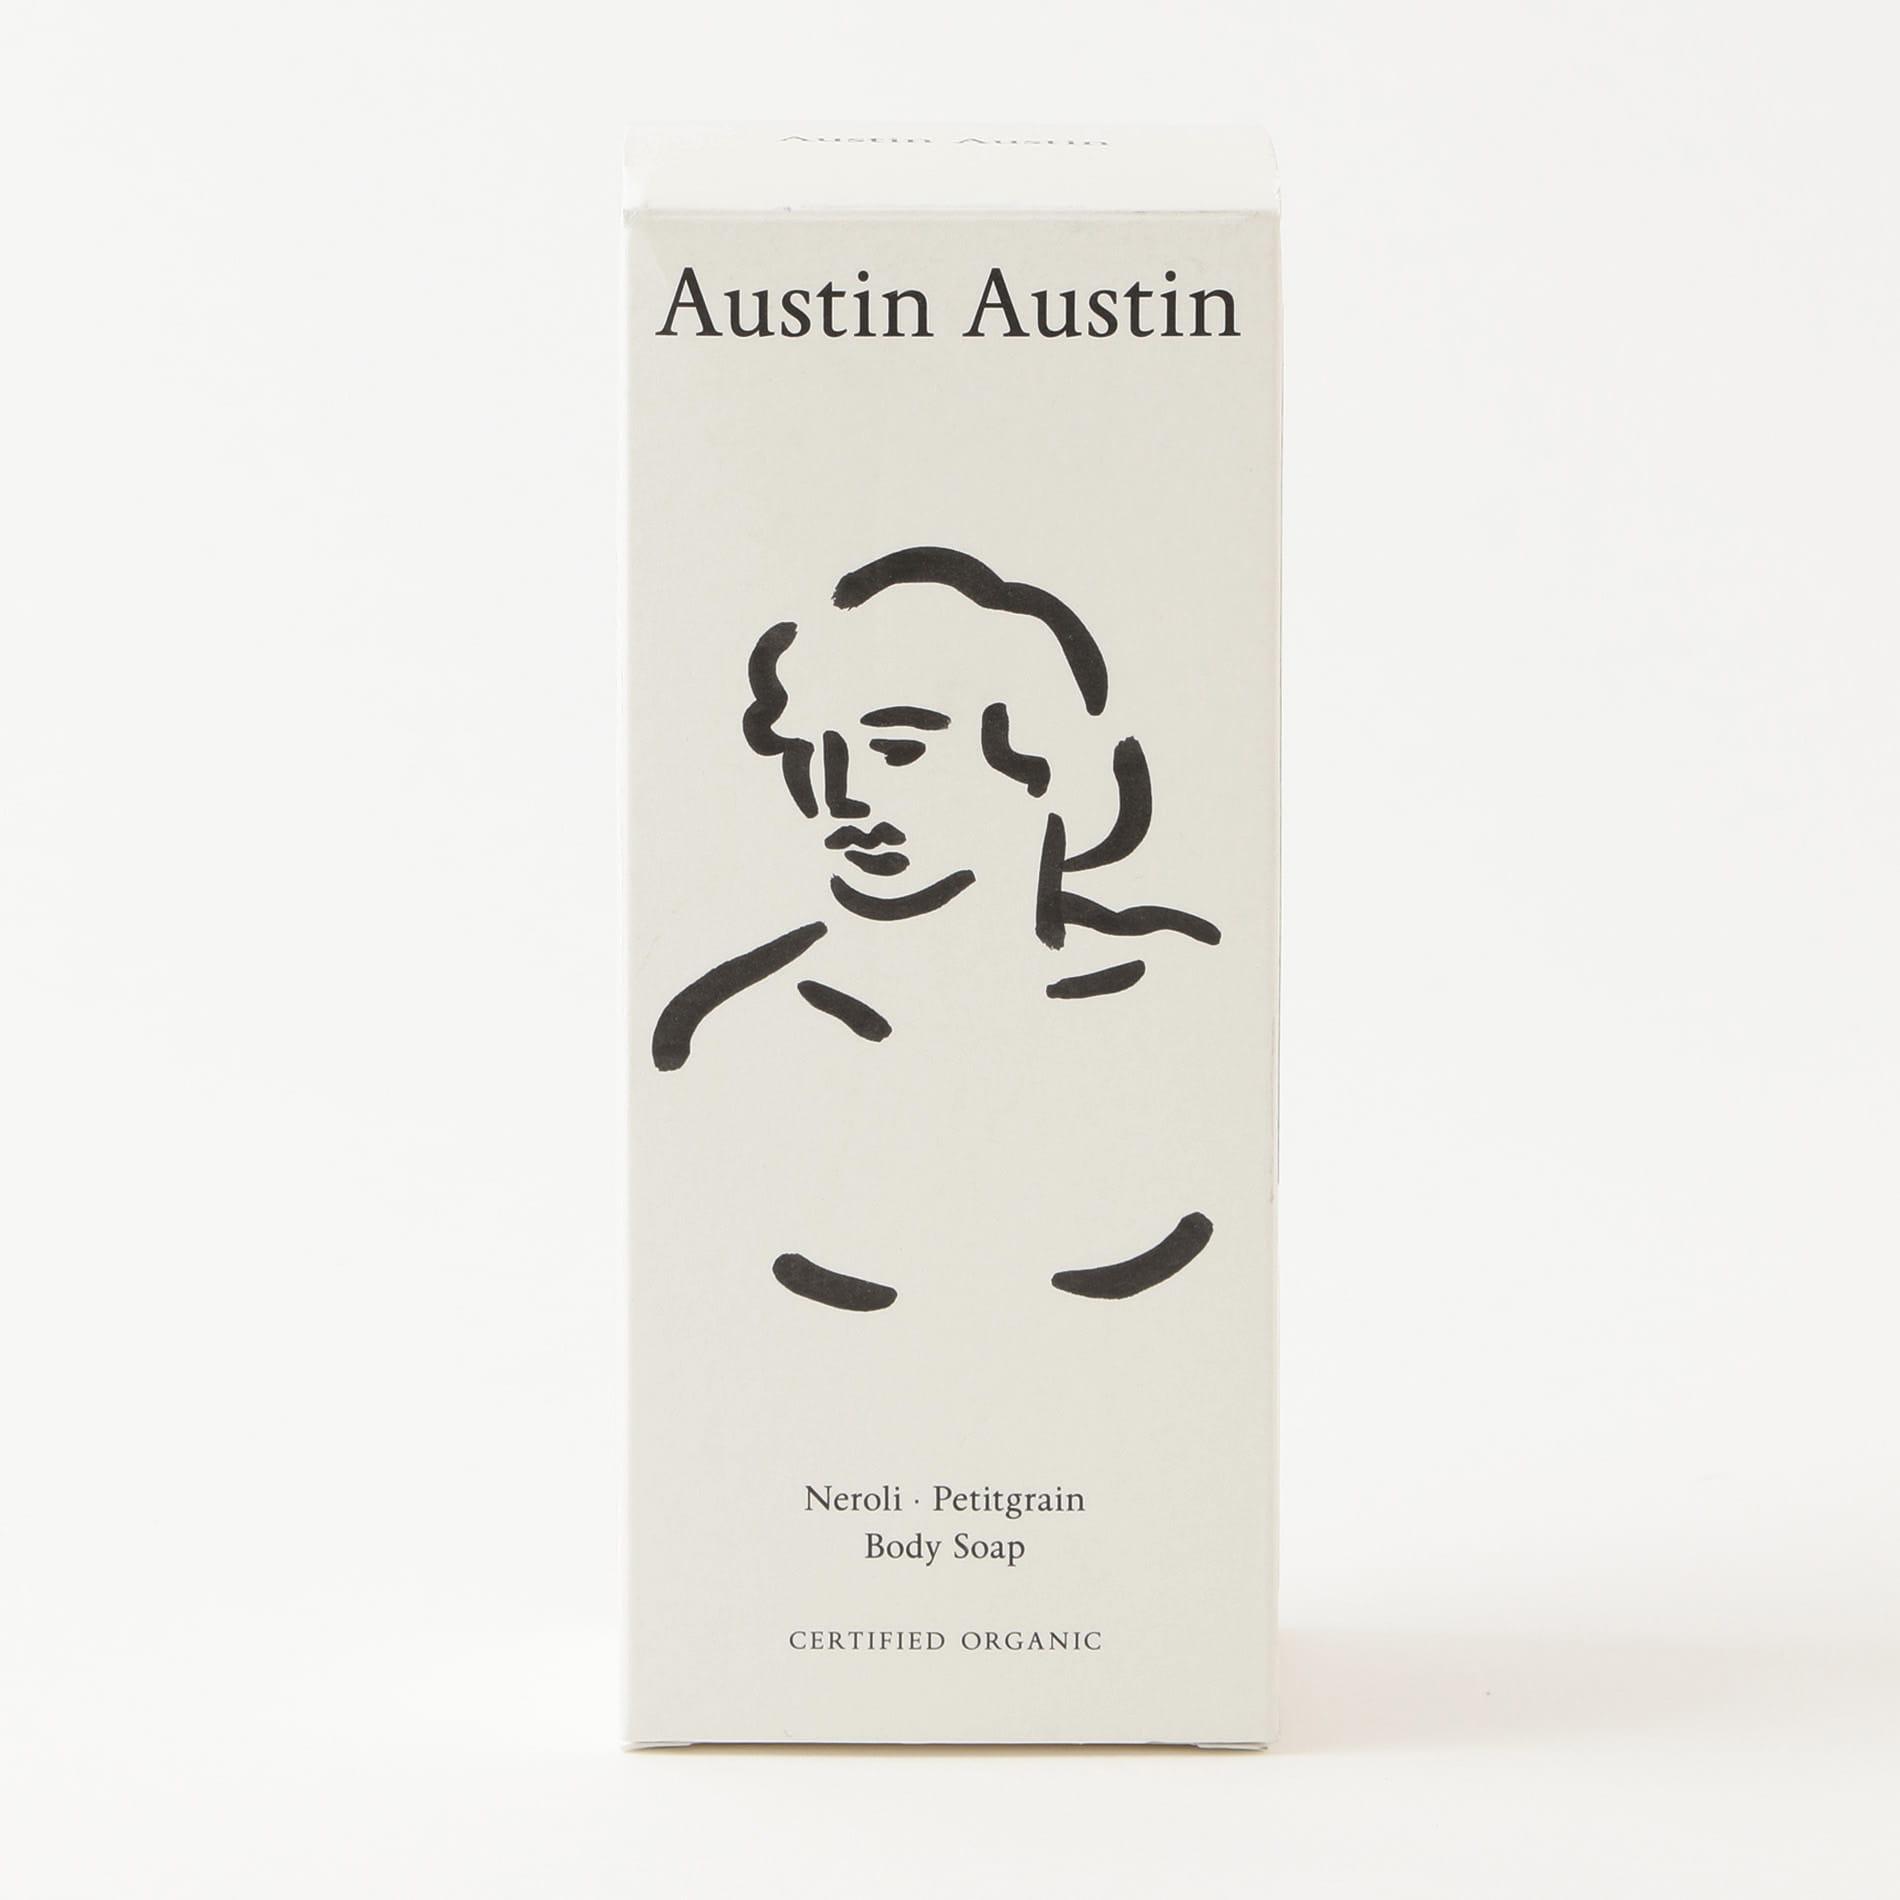 【Austin Austin】ボディソープ MB03021A